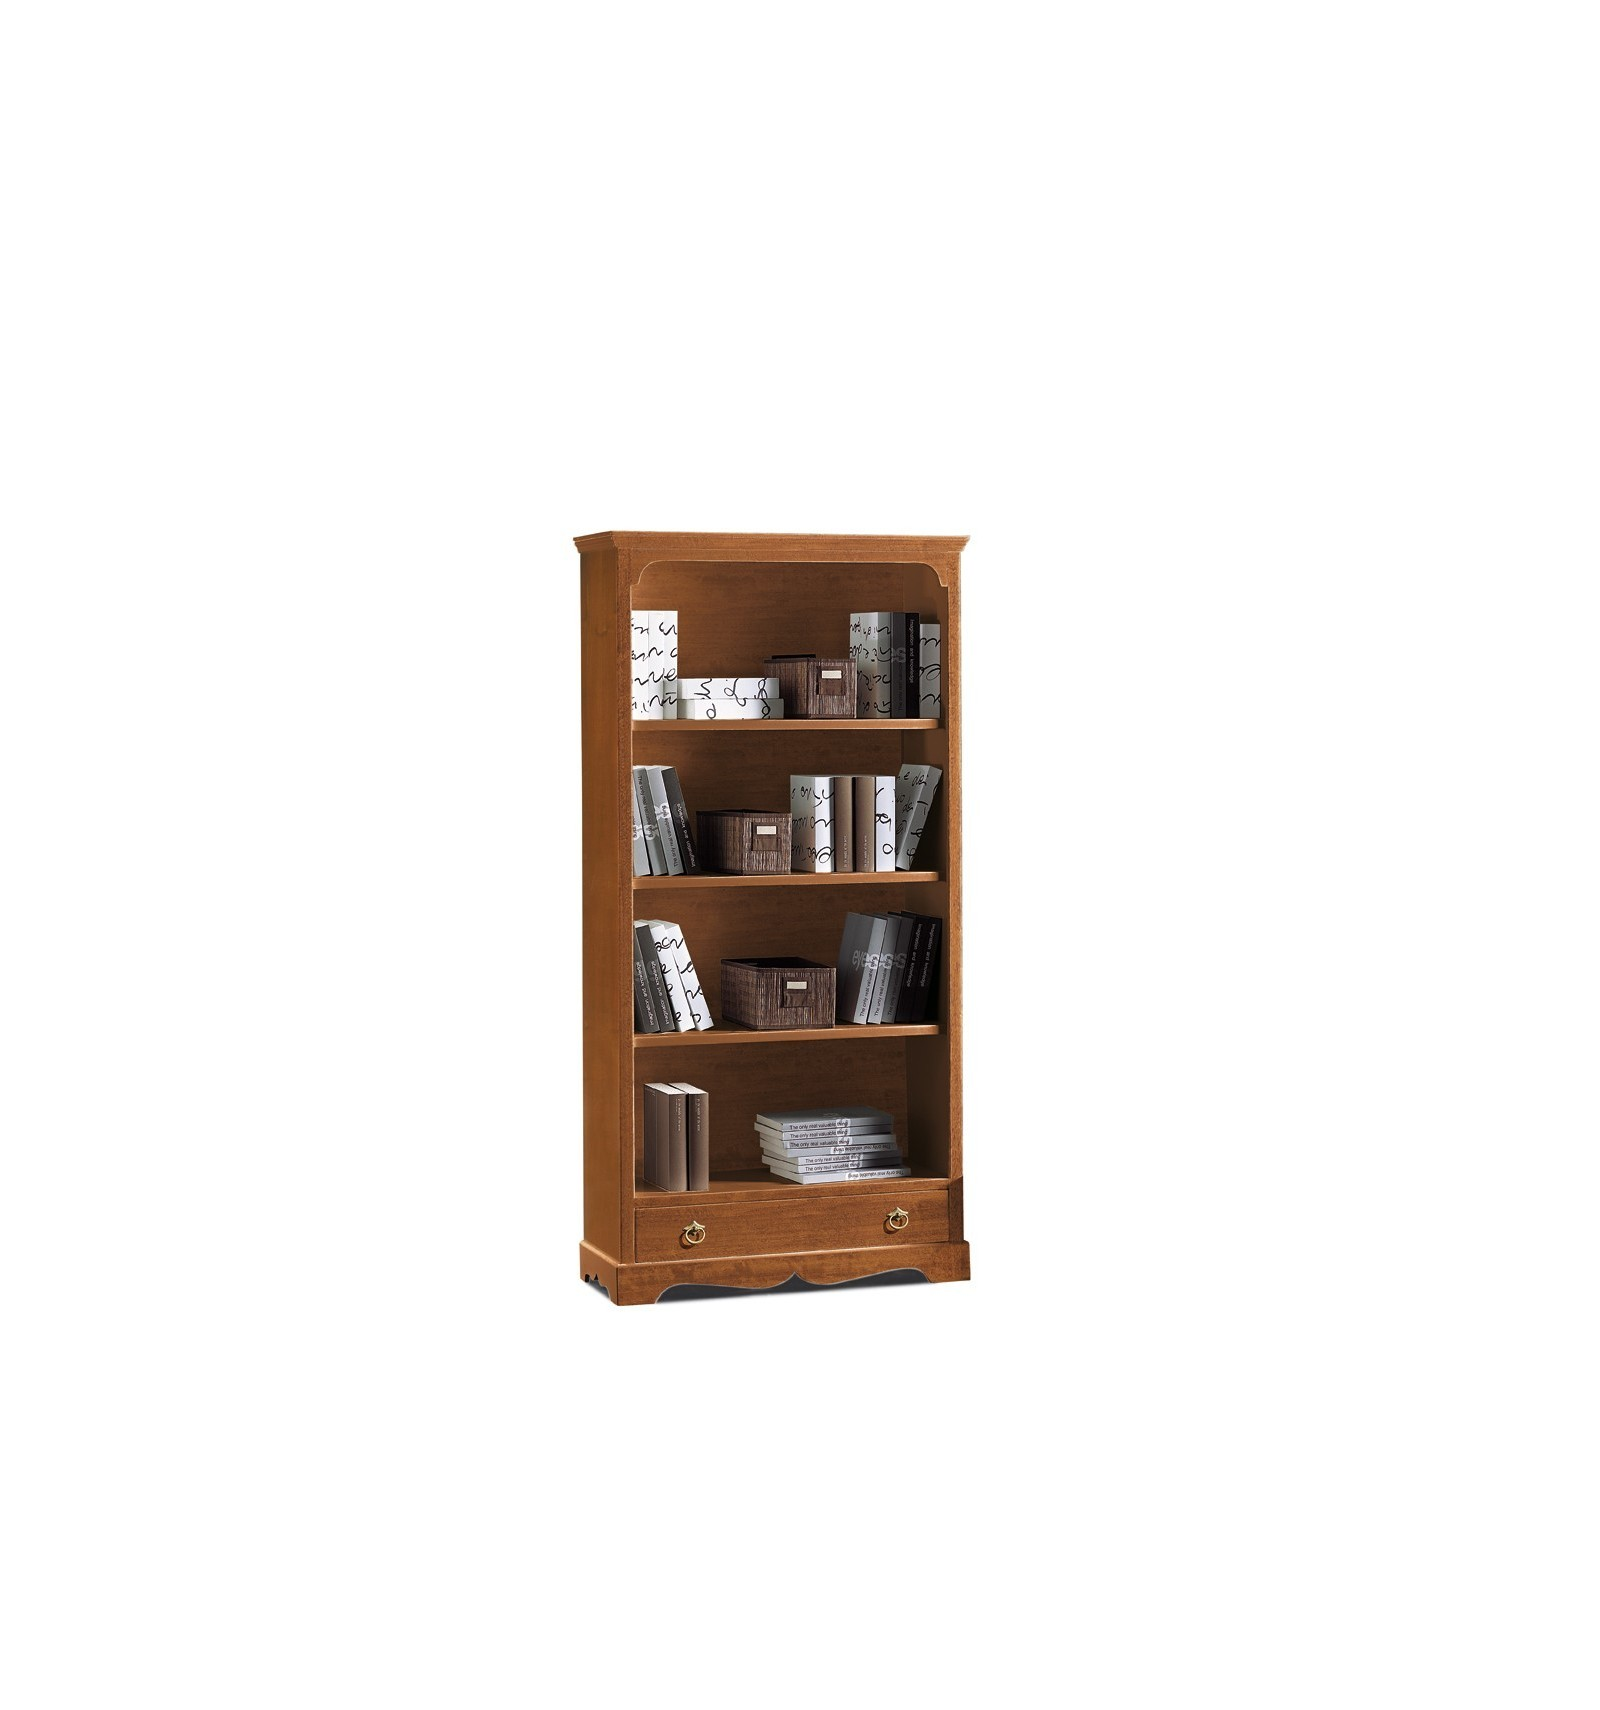 Libreria In Legno Noce.Libreria Classica 4 Ripiani 1 Cassetto Tinta Noce W312 N Lo